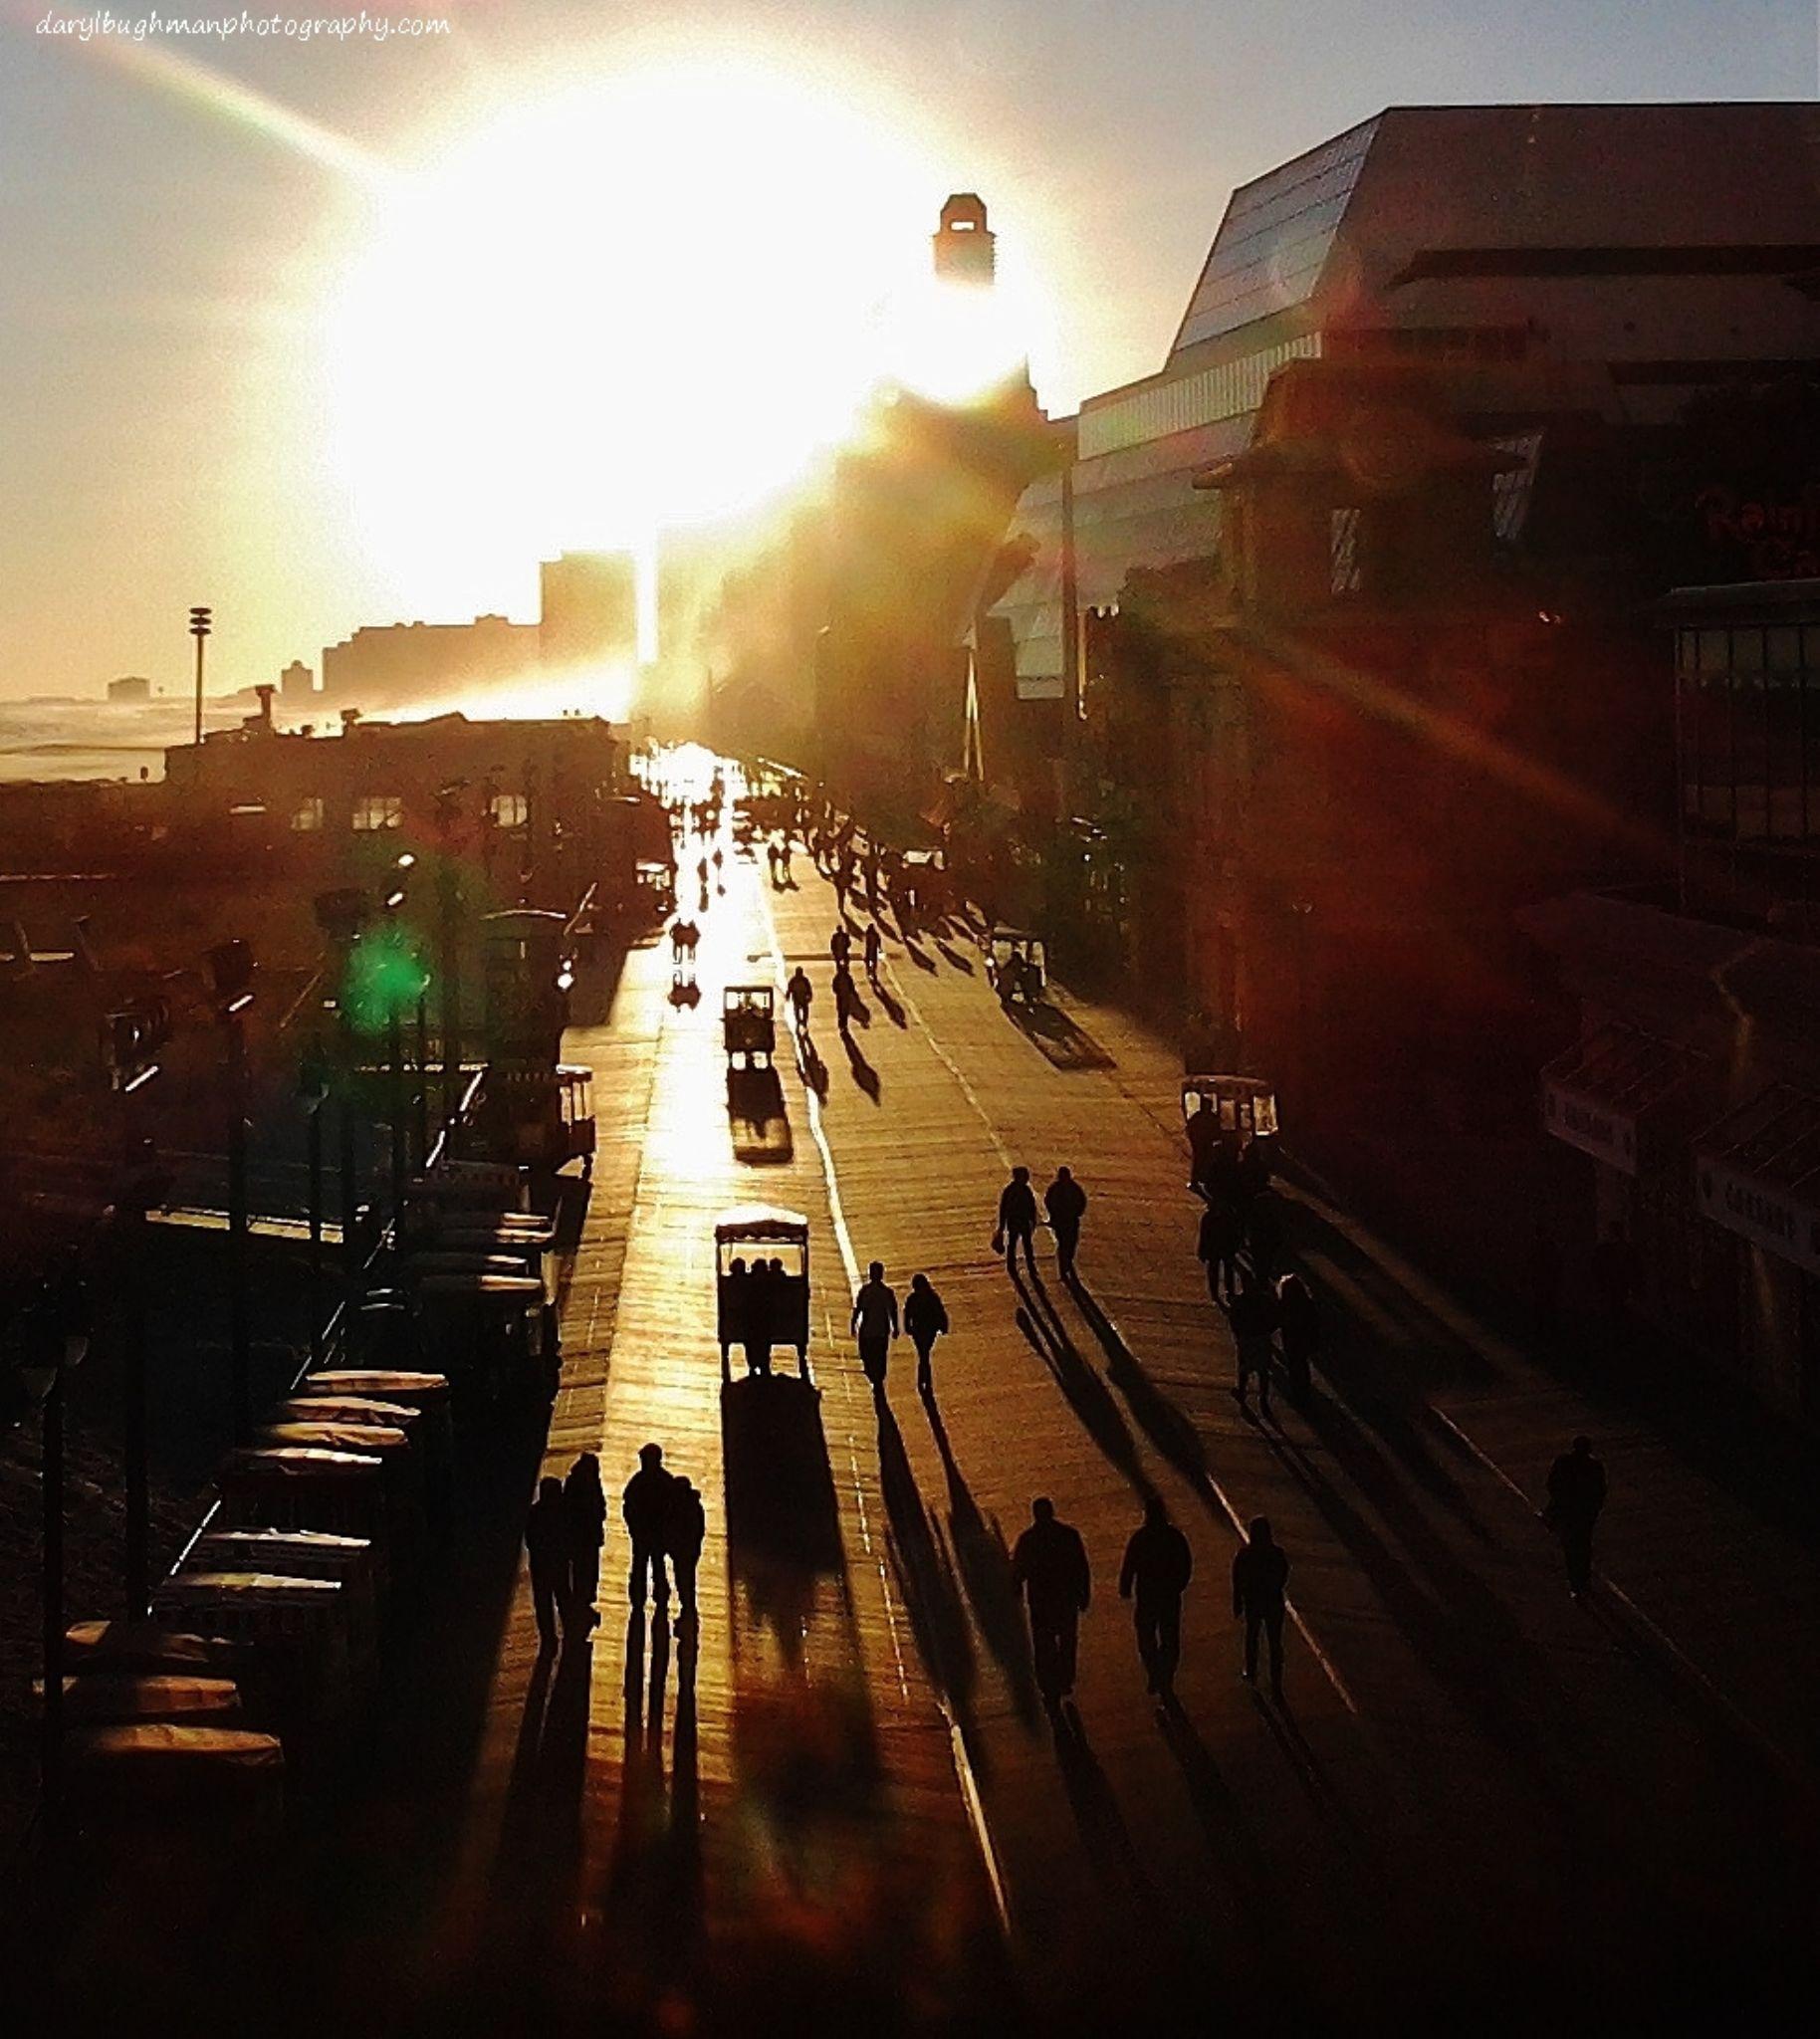 the Boardwalk in AC by daryl.bughman